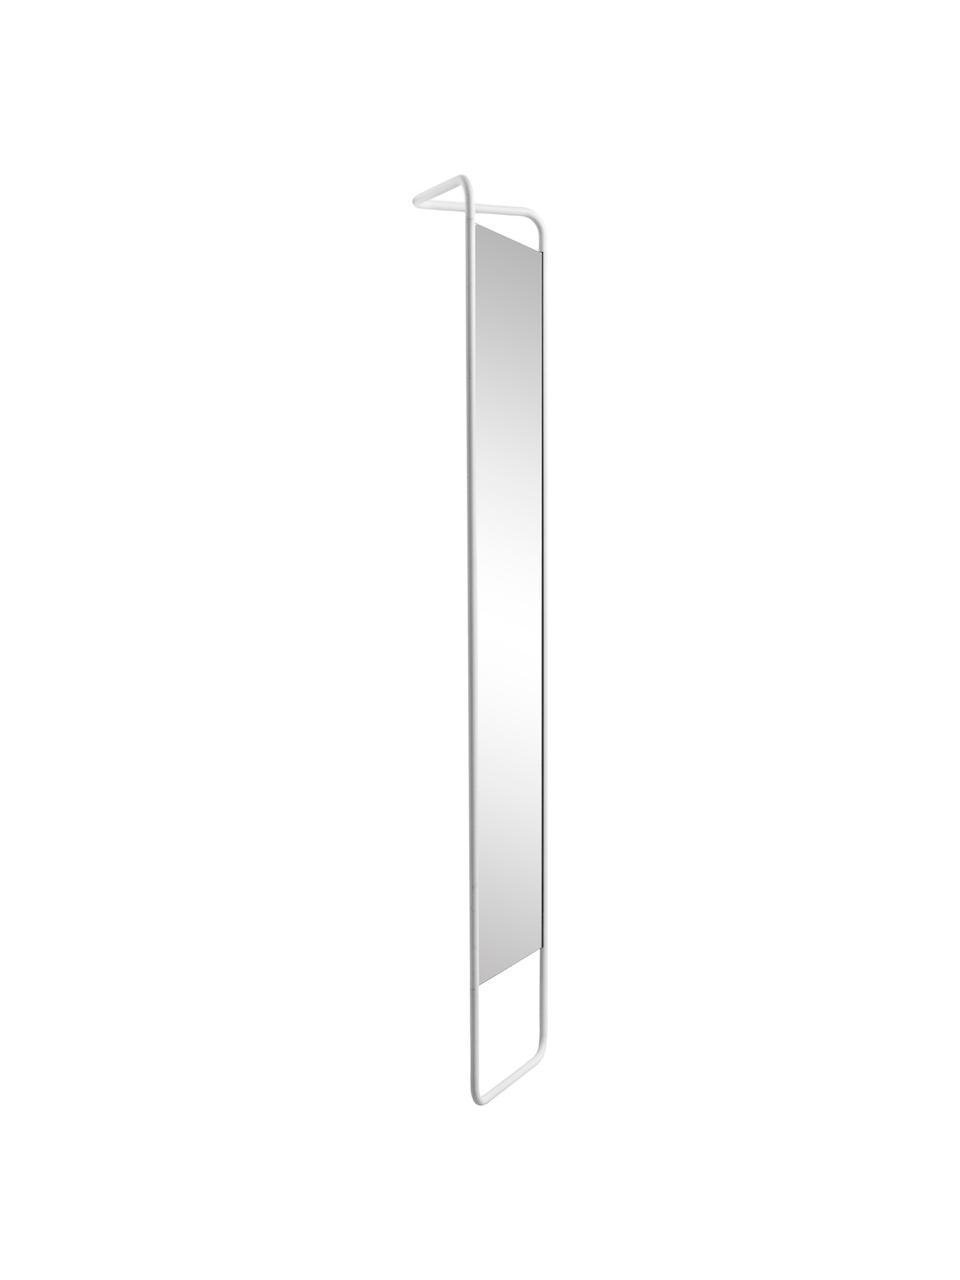 Eckiger Anlehnspiegel Kasch mit weißem Aluminiumrahmen, Rahmen: Aluminium, pulverbeschich, Spiegelfläche: Spiegelglas, Weiß, 42 x 175 cm